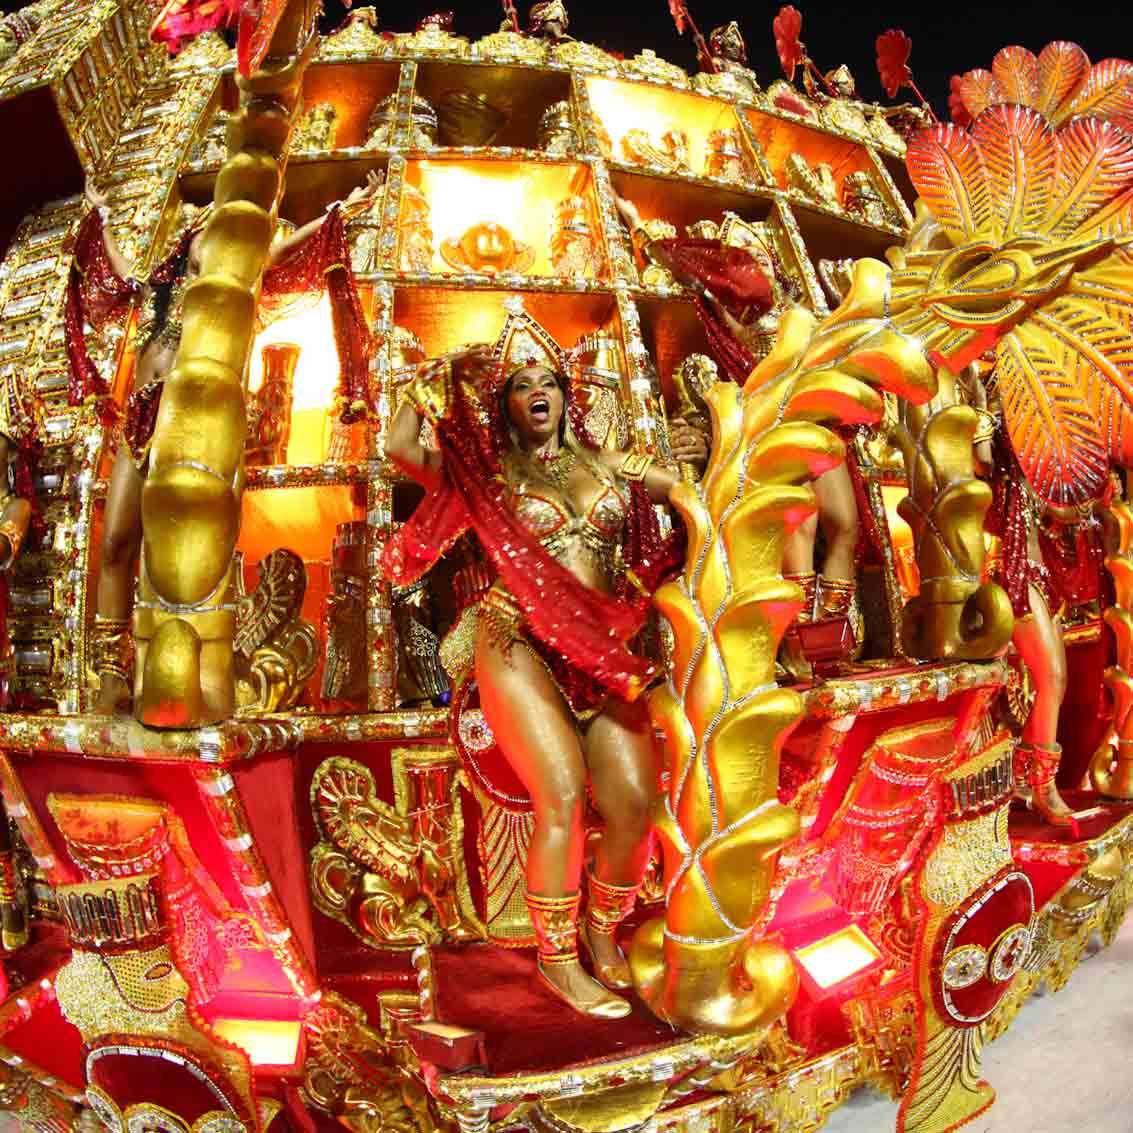 Яркий и зажигательный Карнавал в Бразилии 2020 (Рио-Игуасу)